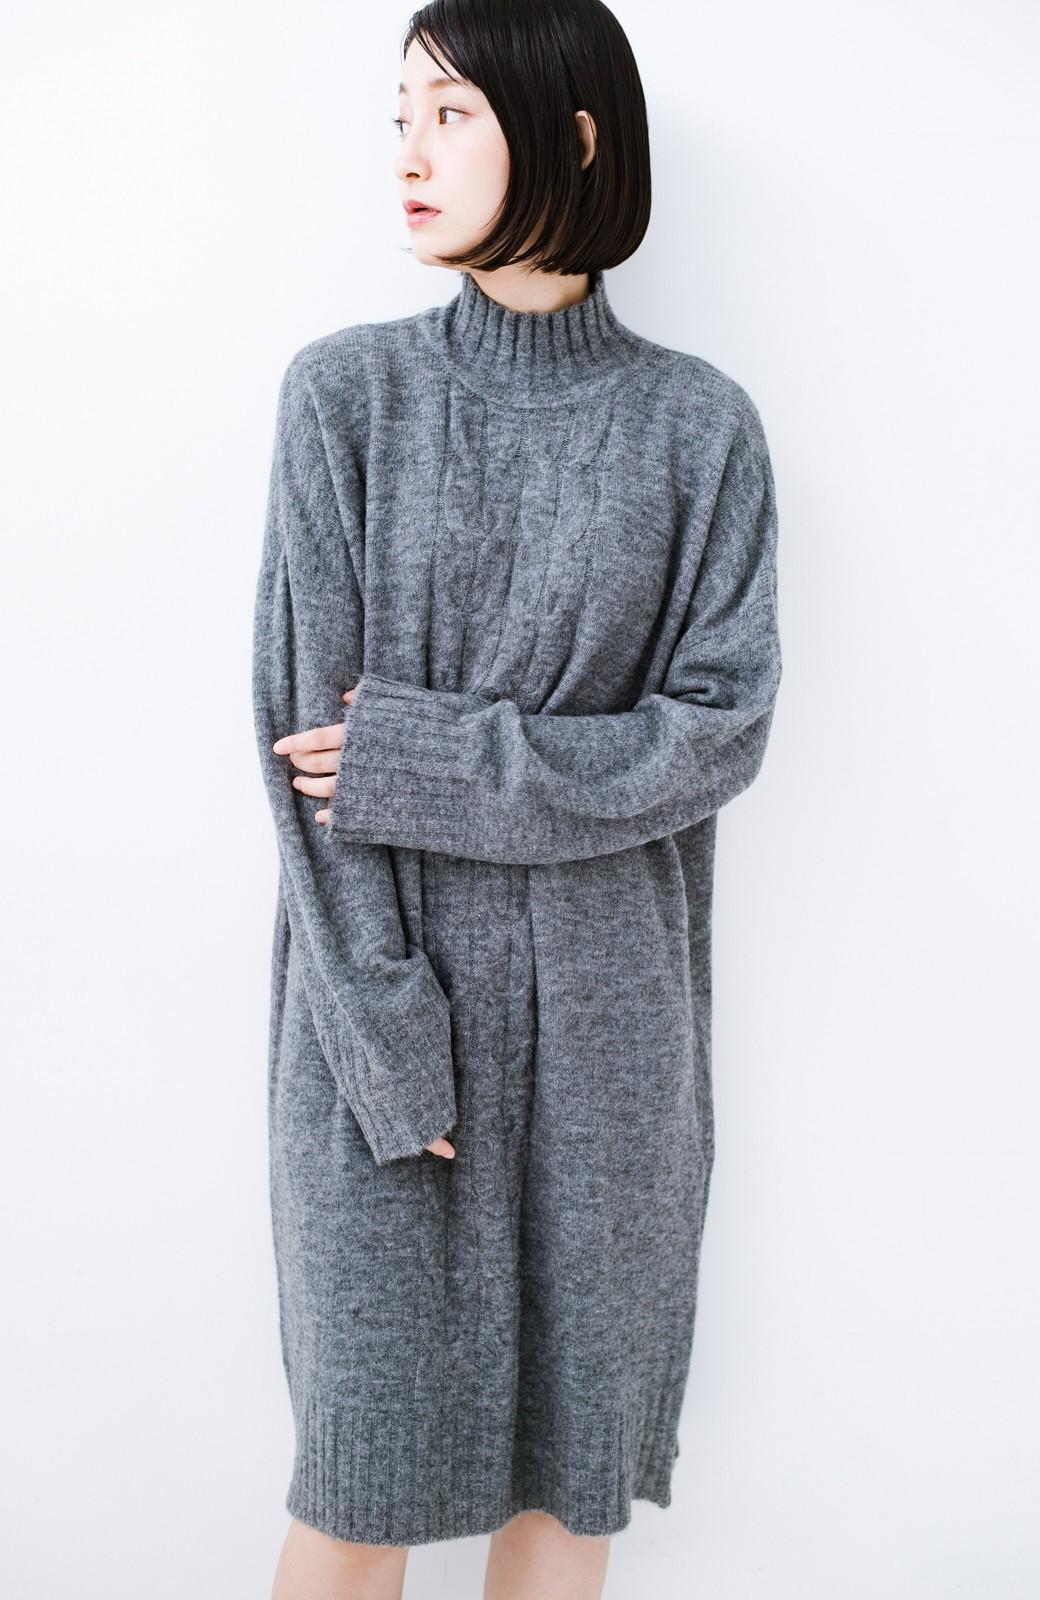 haco! お寝坊さんの着るだけ素敵服 ぱふっとシルエットのケーブル柄ニットワンピース <杢グレー>の商品写真2